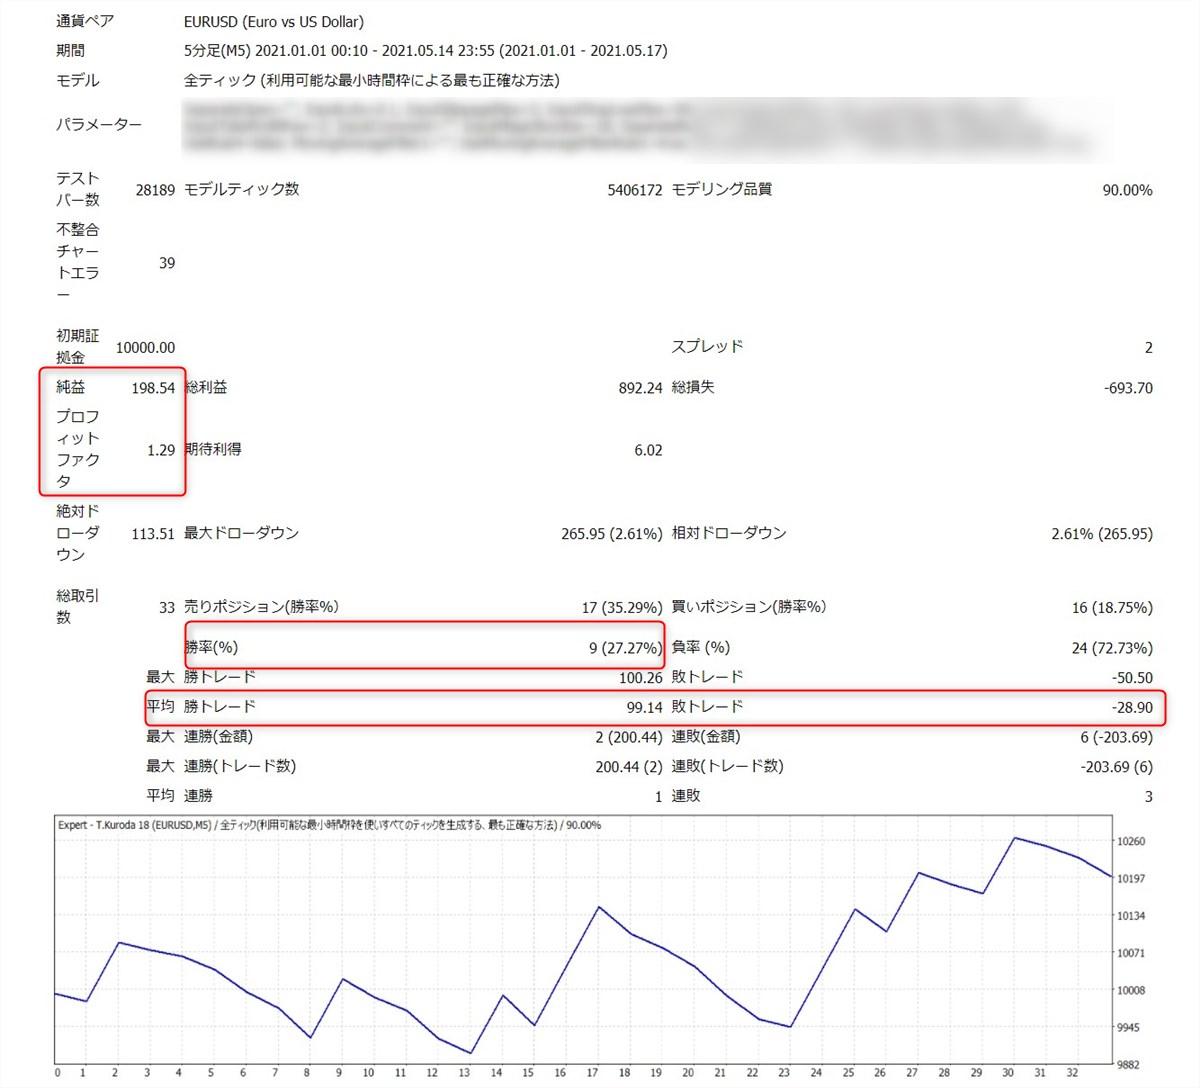 ミダスタッチ波動EA:EURUSD(5分足)バックテスト結果